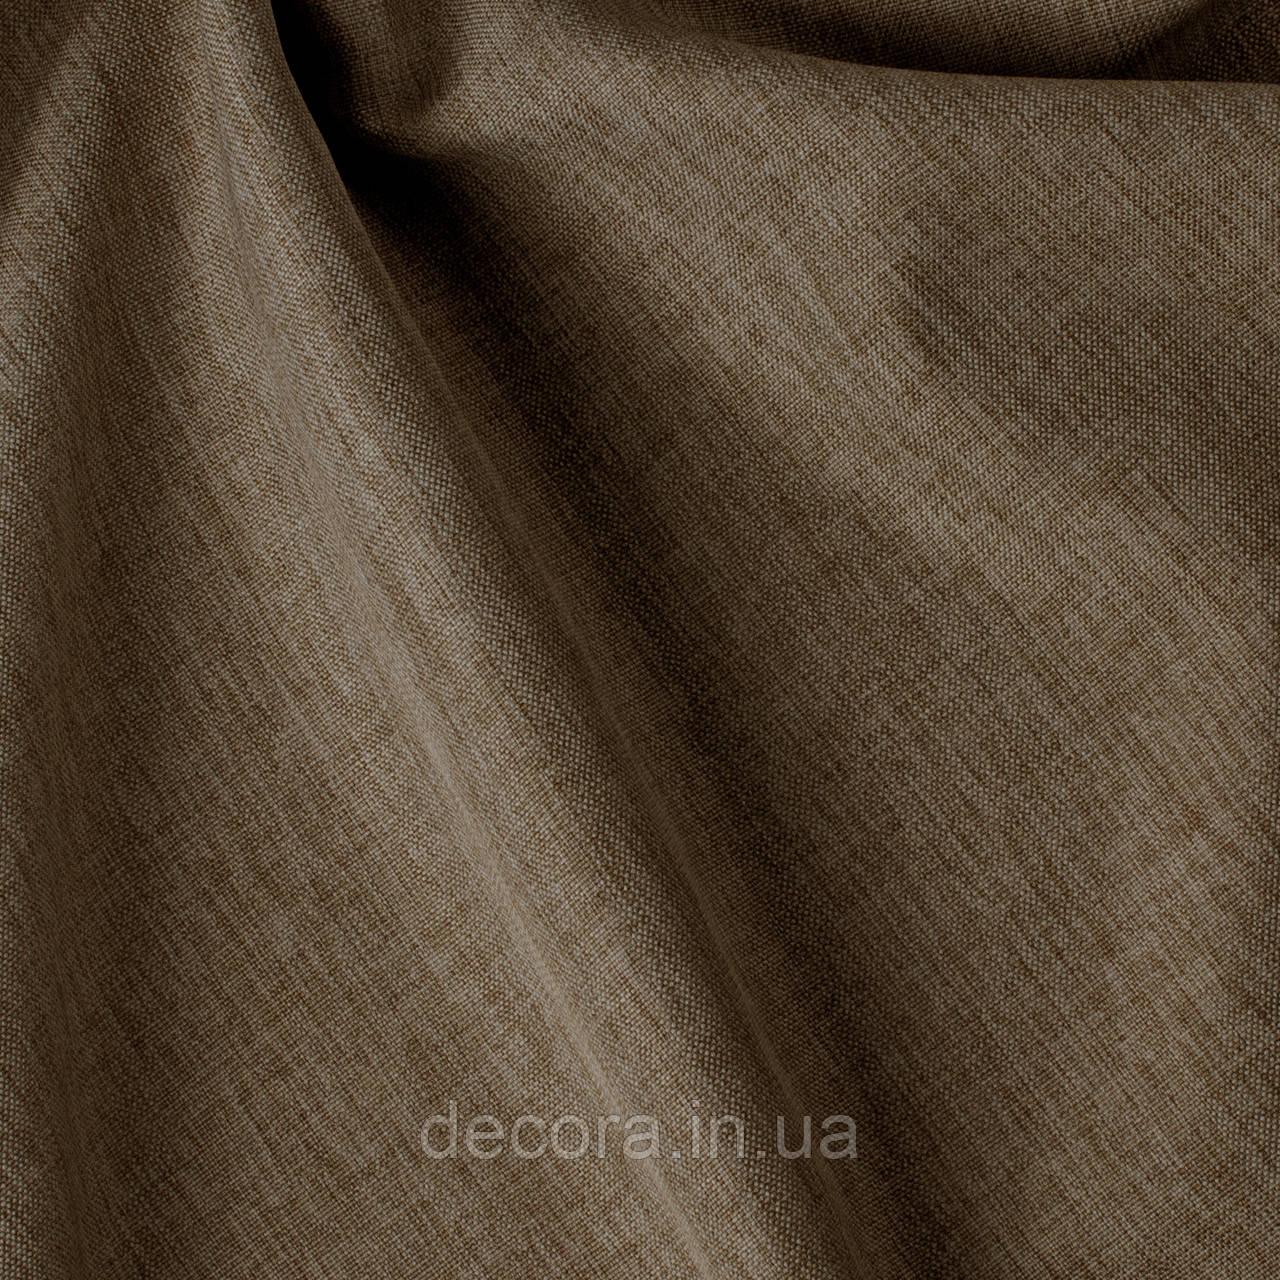 Римська штора із однотонної тканини рогожка коричнева 122000v30